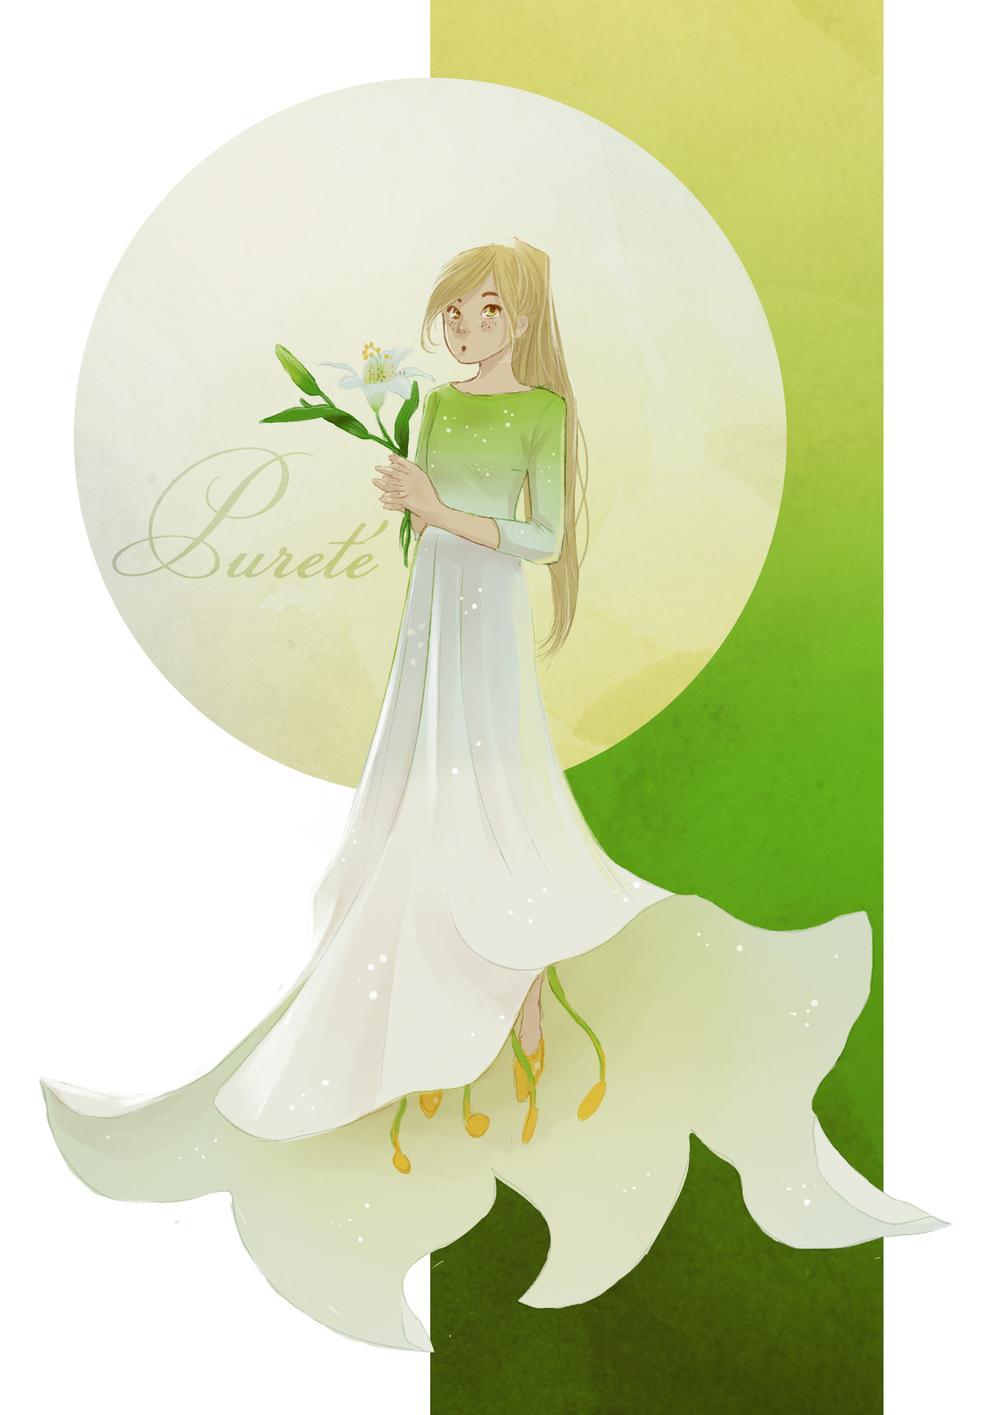 Aurélie Betsch Illustrations - Langage des fleurs : Lys